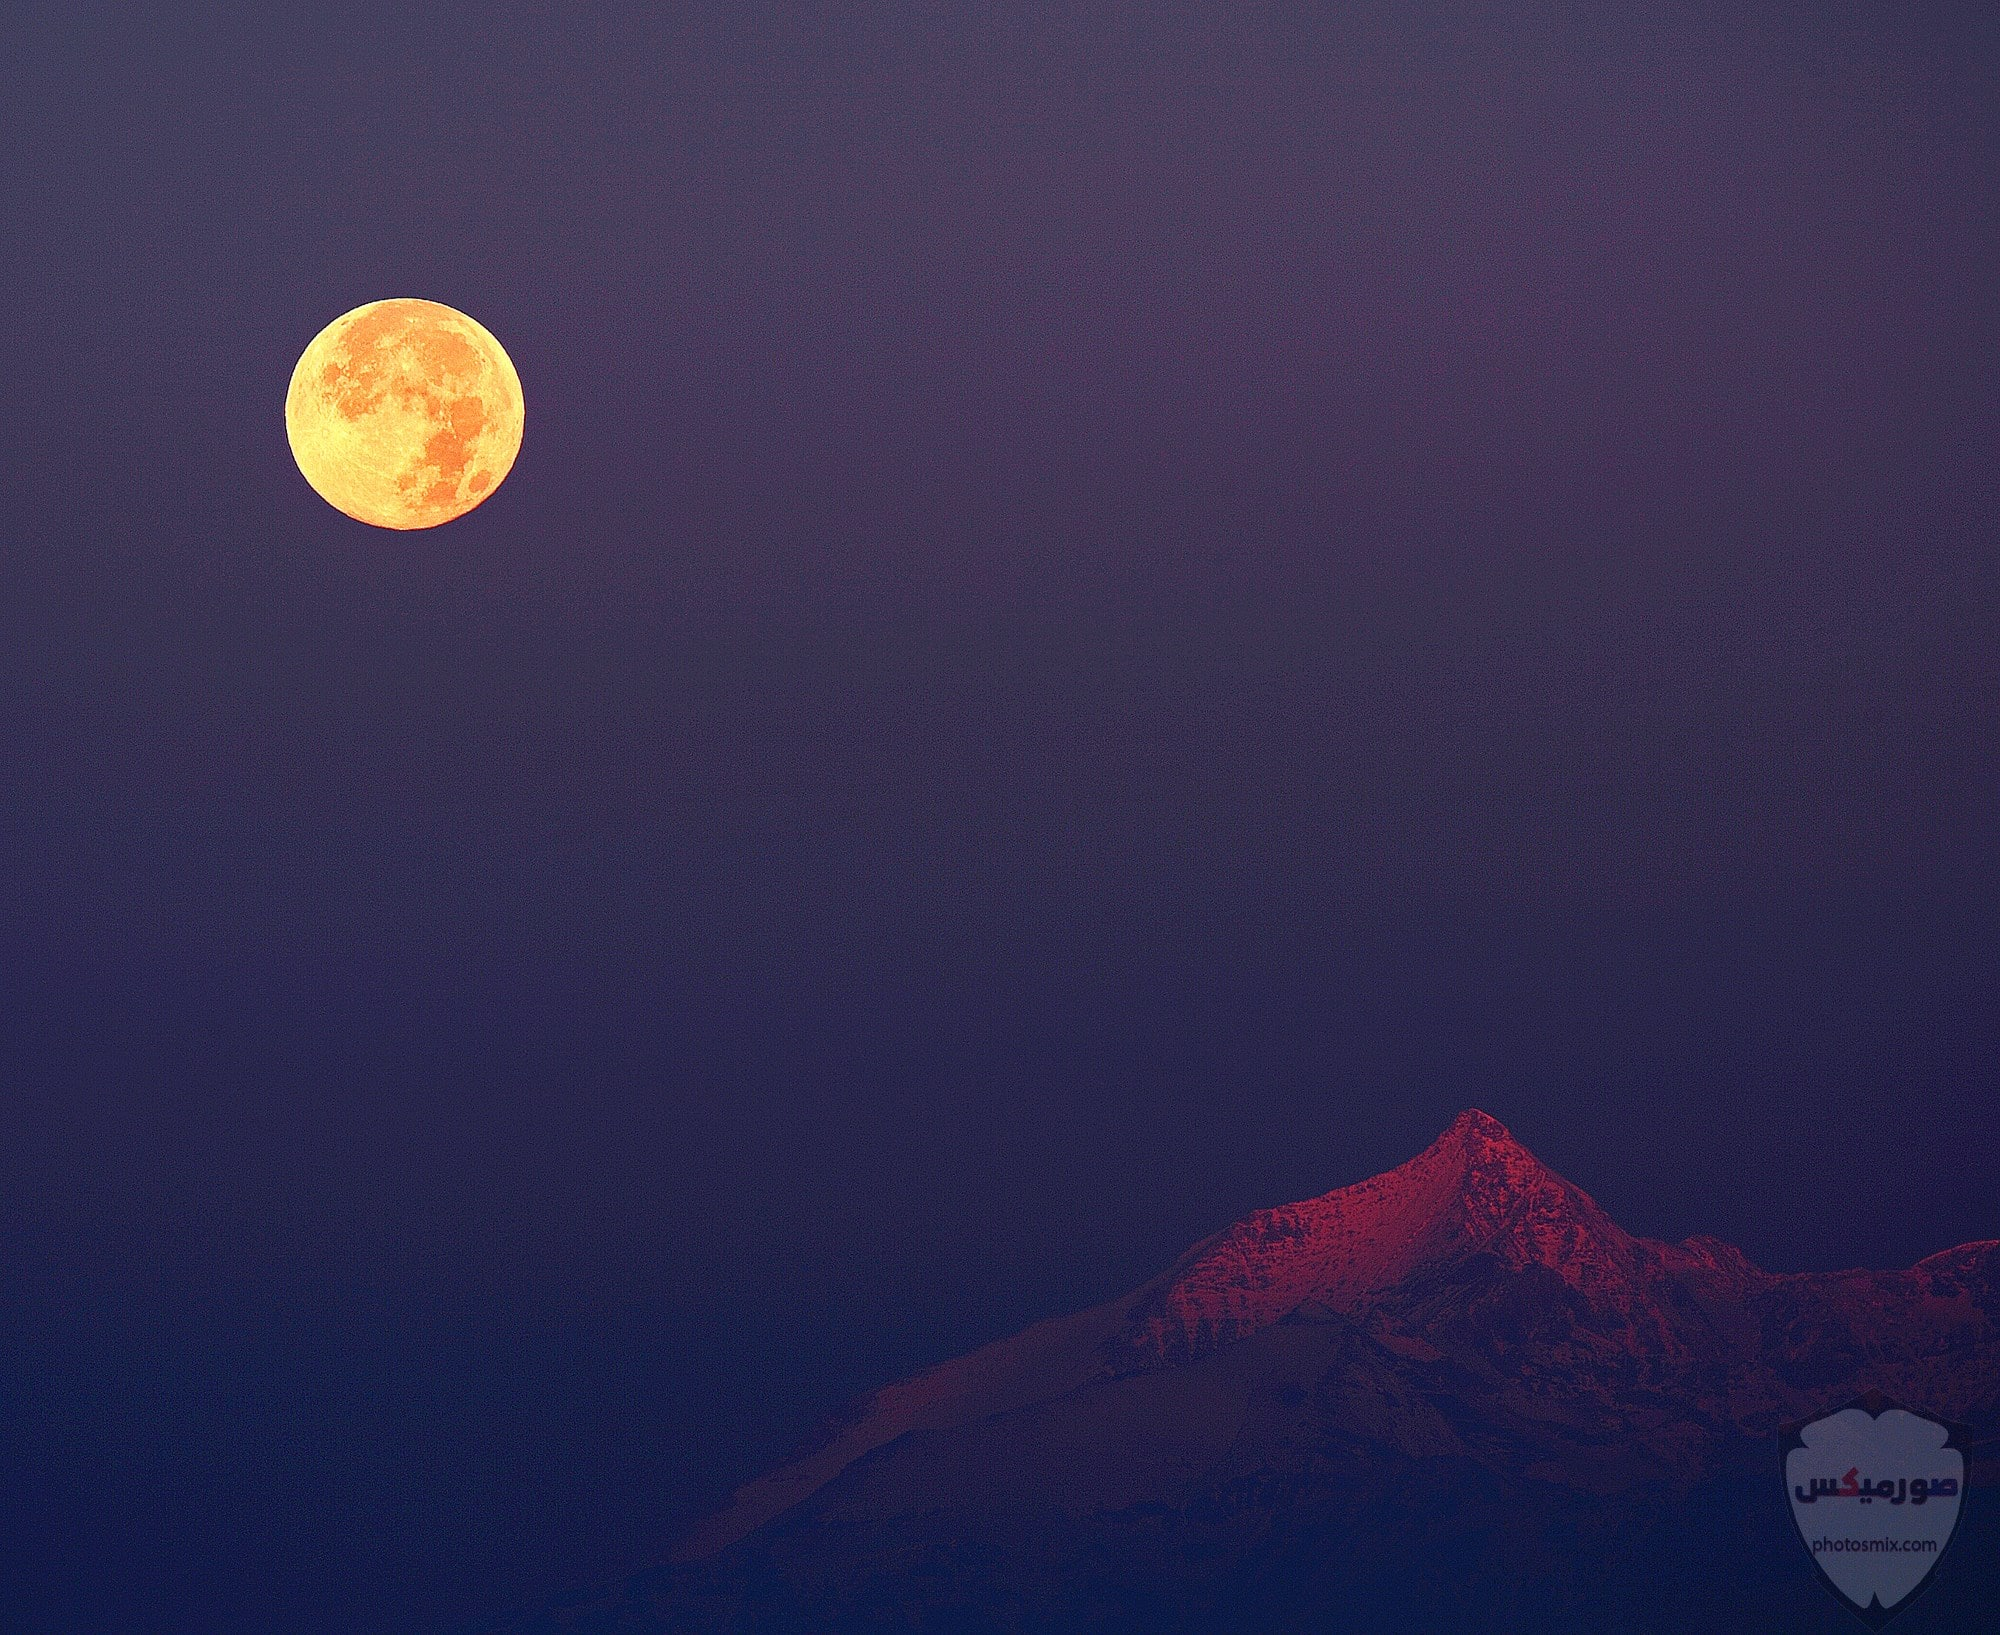 والنجوم خلفيات قمر للايفون خلفيات ضوء القمر 3